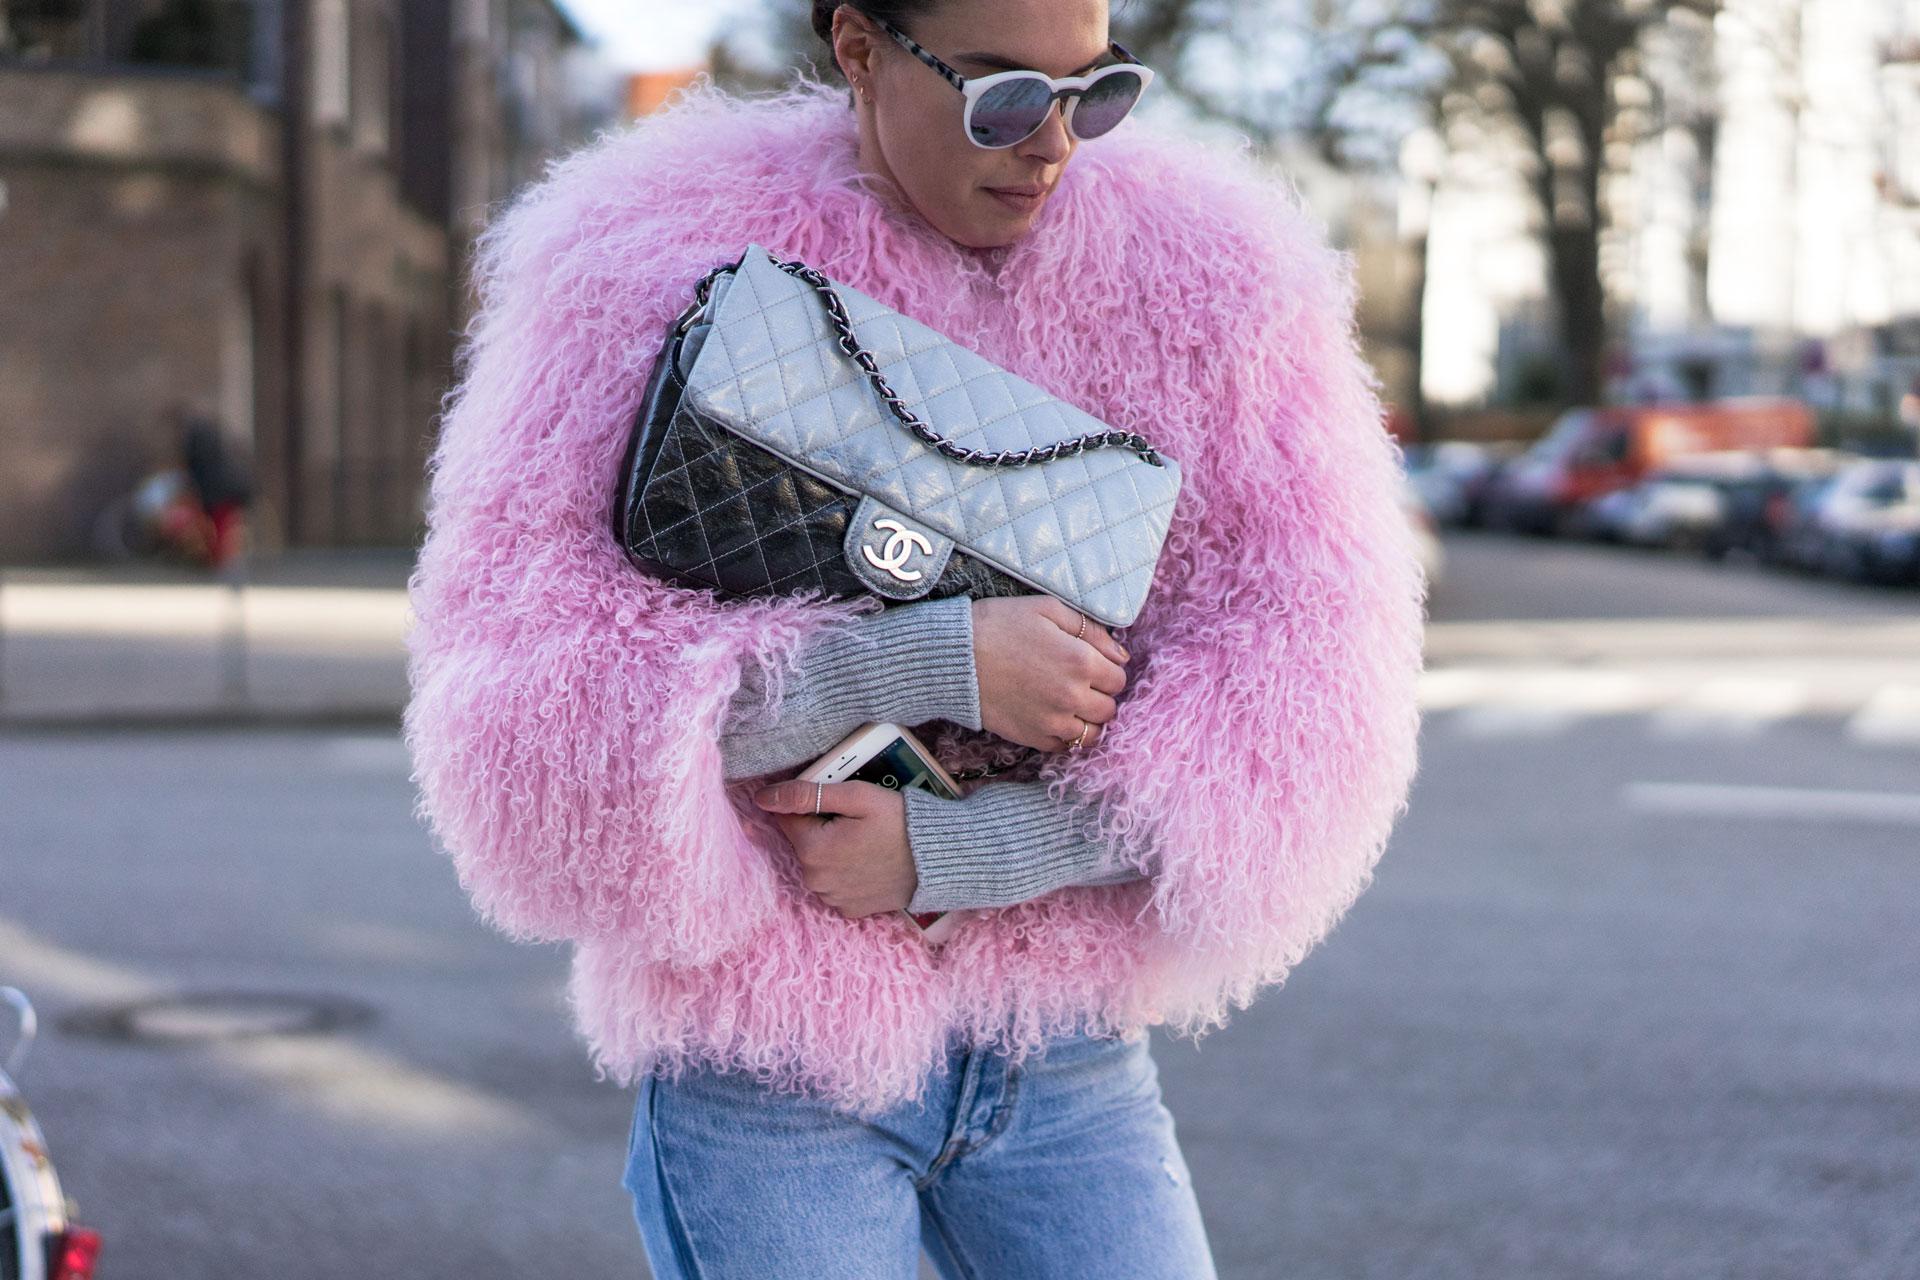 luxussachen-blogpost5a9eb99db68d2